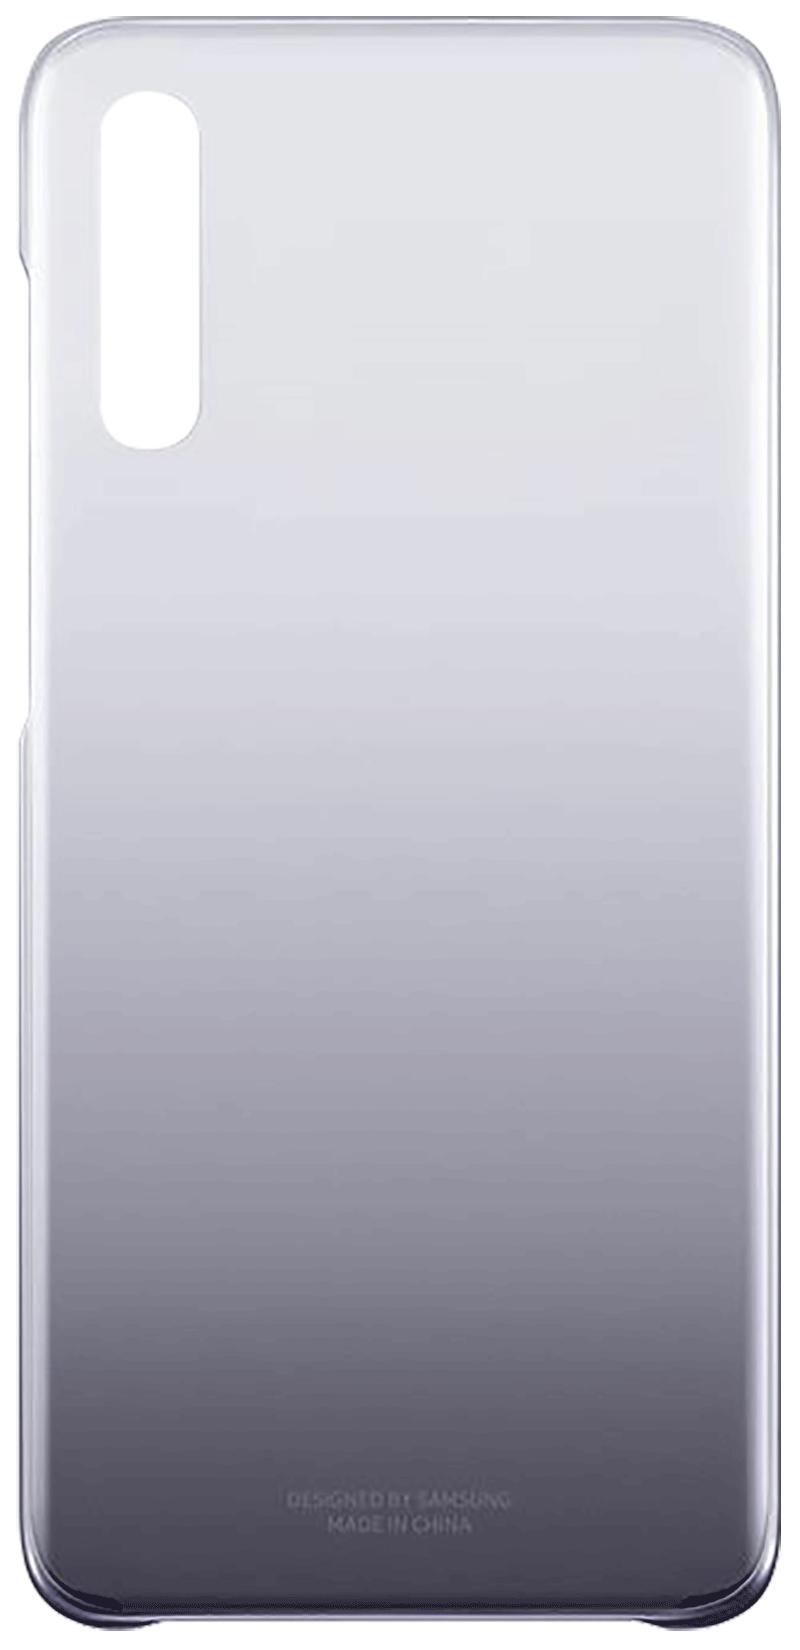 Coque Evo Galaxy A70 transparente